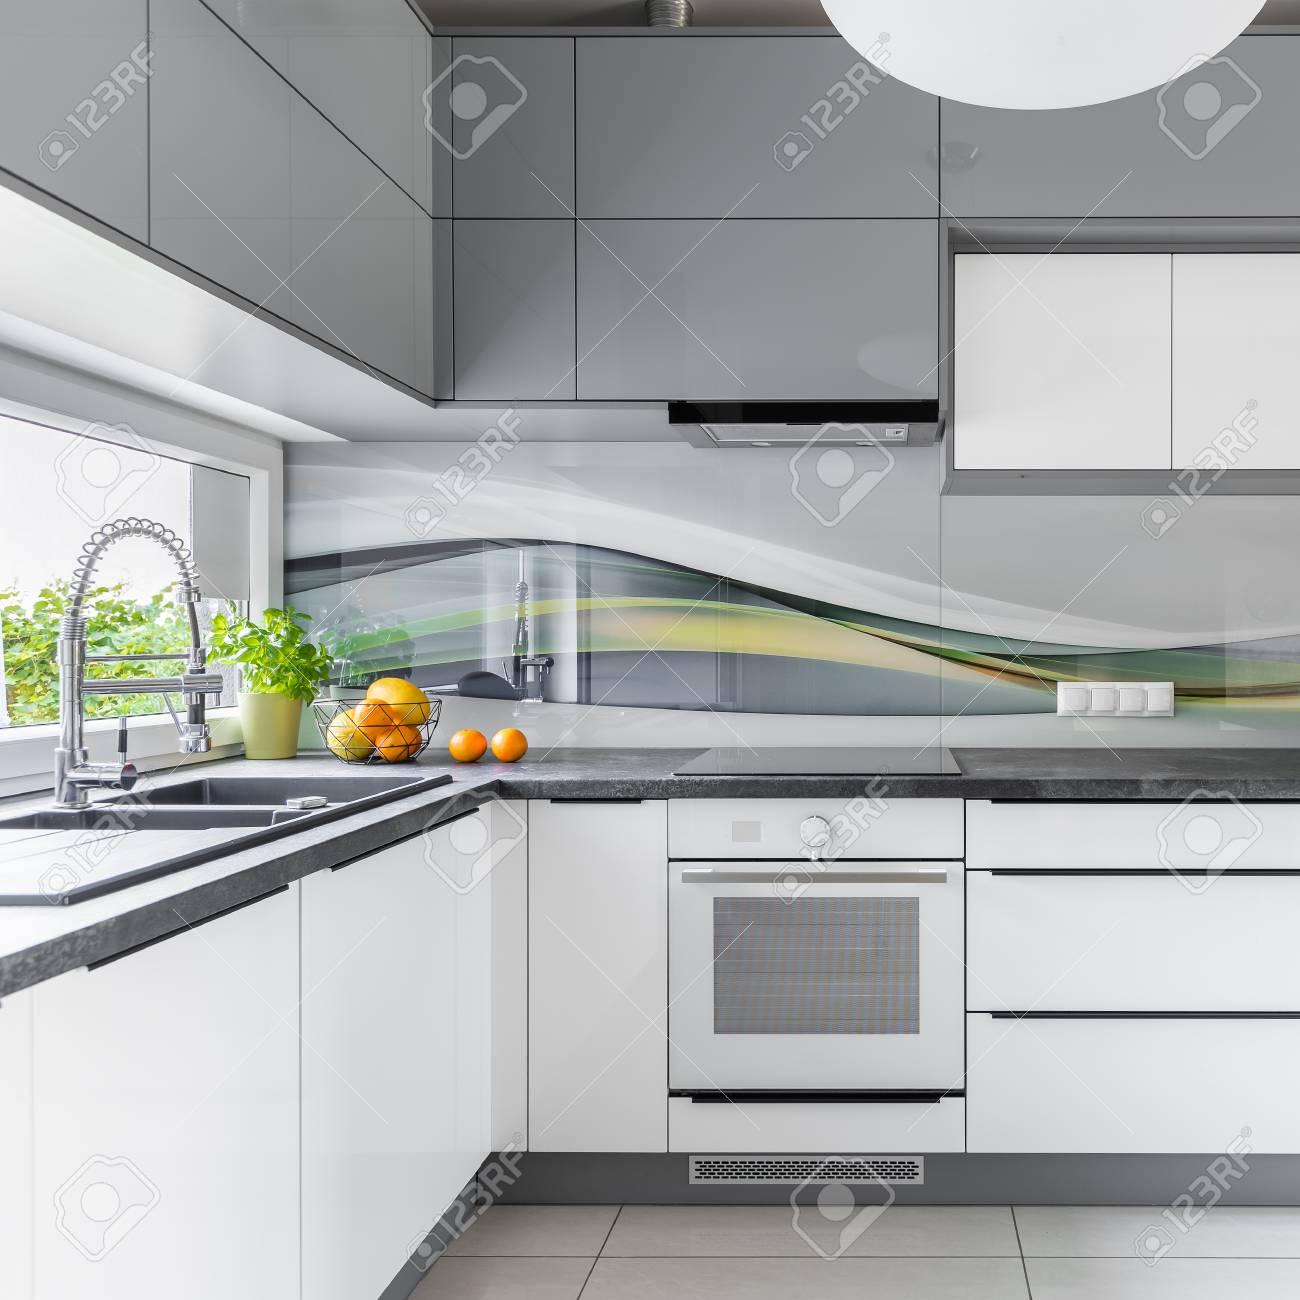 Funktionelle Und Geräumige Küche Mit Fenster, Möbel In Weiß Und Grau  Standard Bild